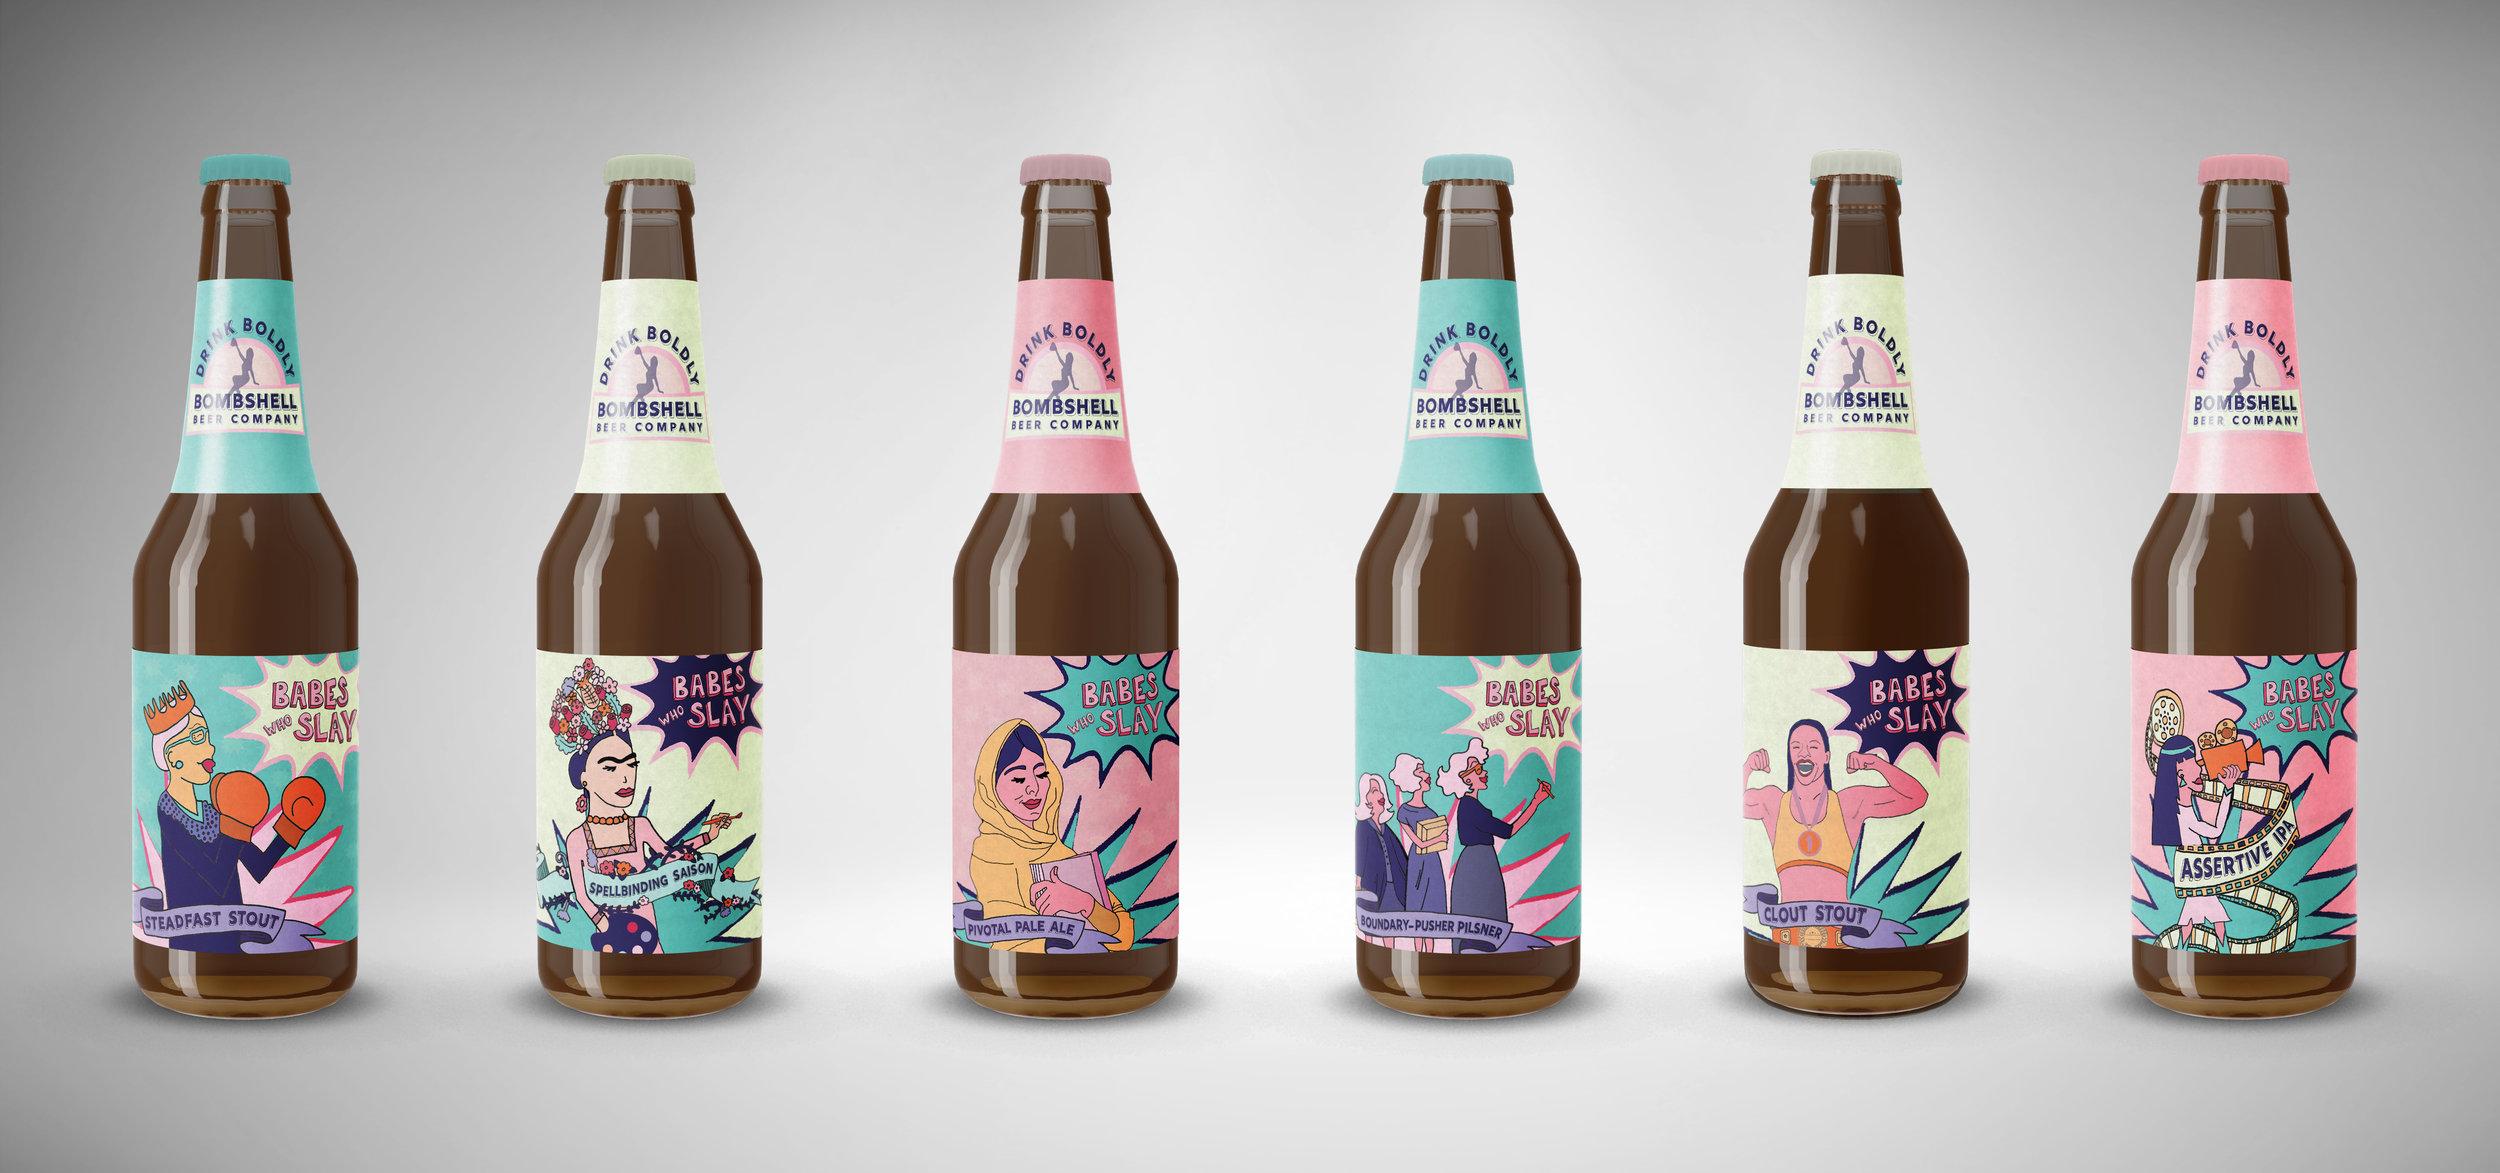 All six bottles together.jpg